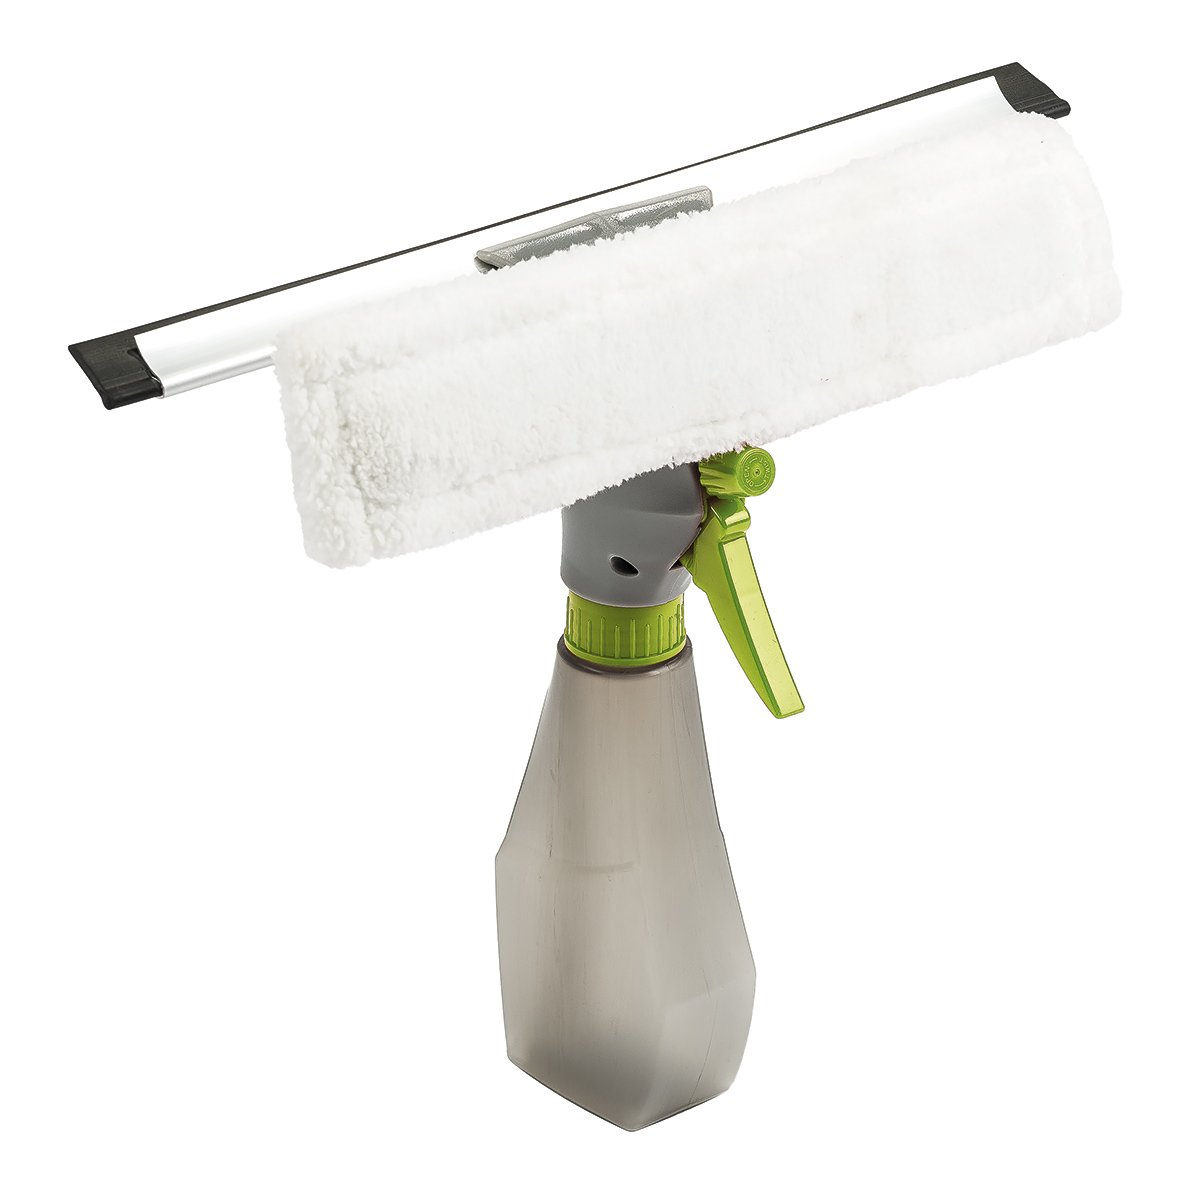 4home 801981pulitore per finestra con spruzzino integrata, colore: grigio/verde